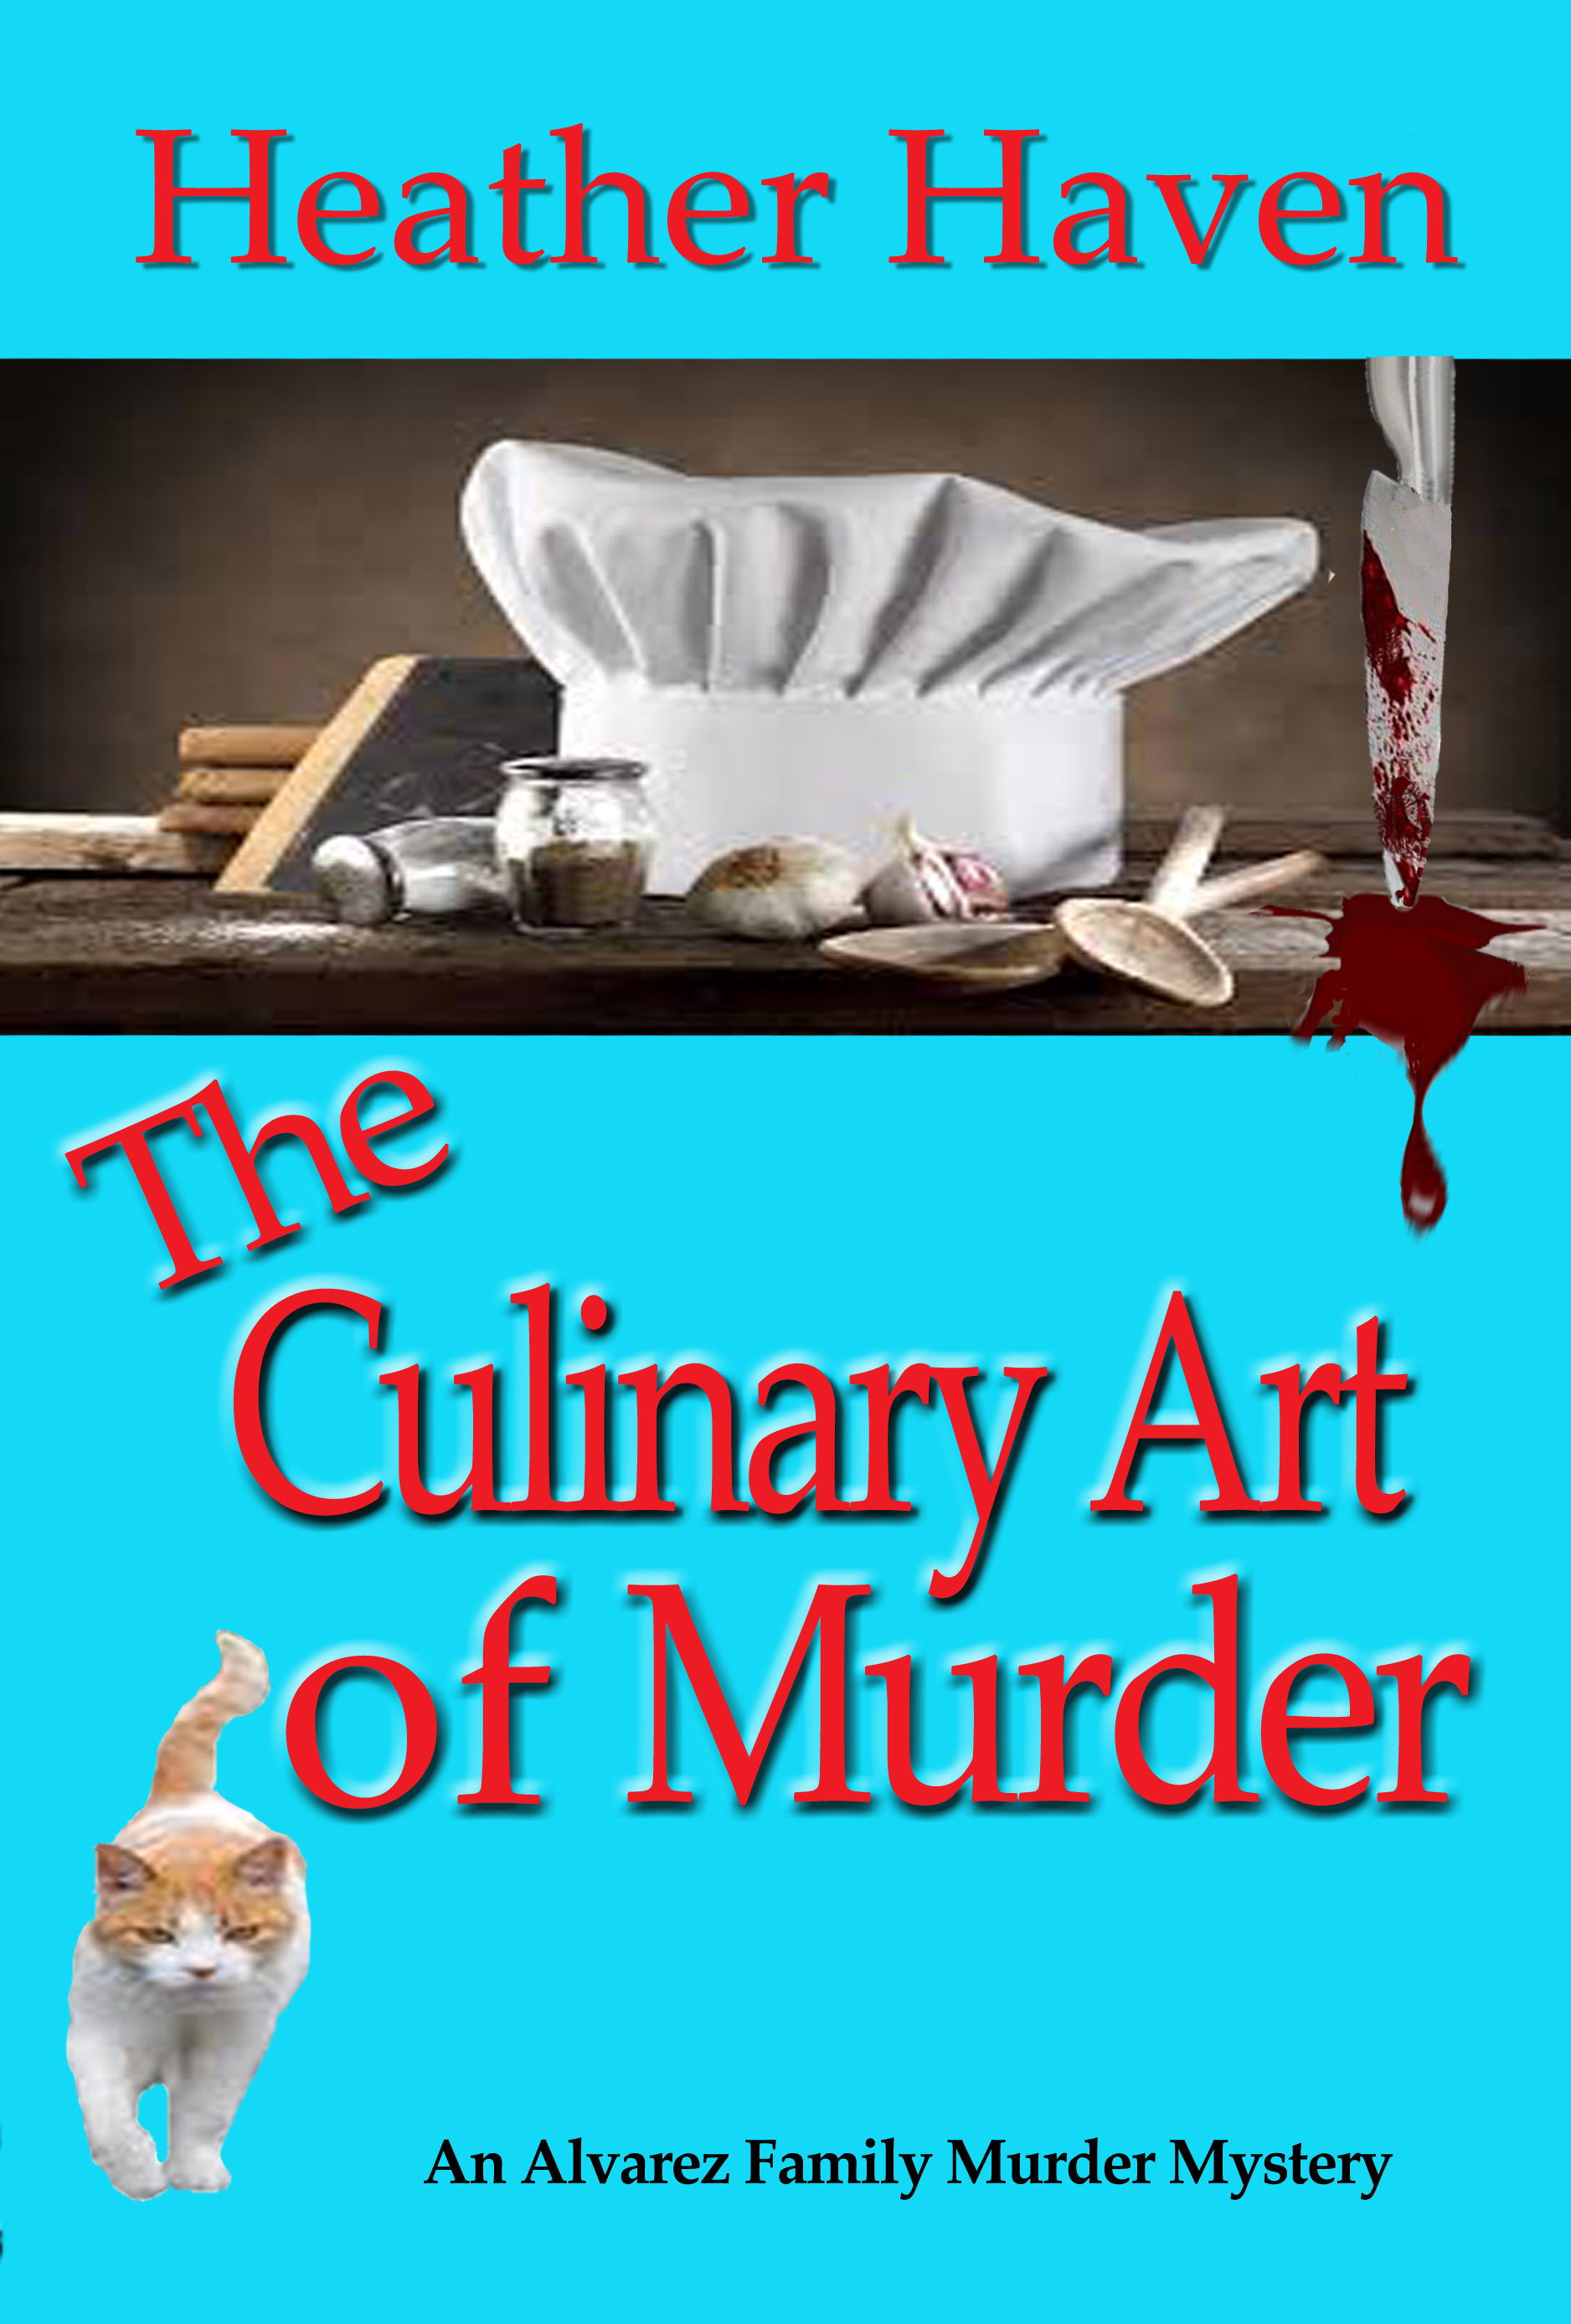 The Culirnary Art of Murder